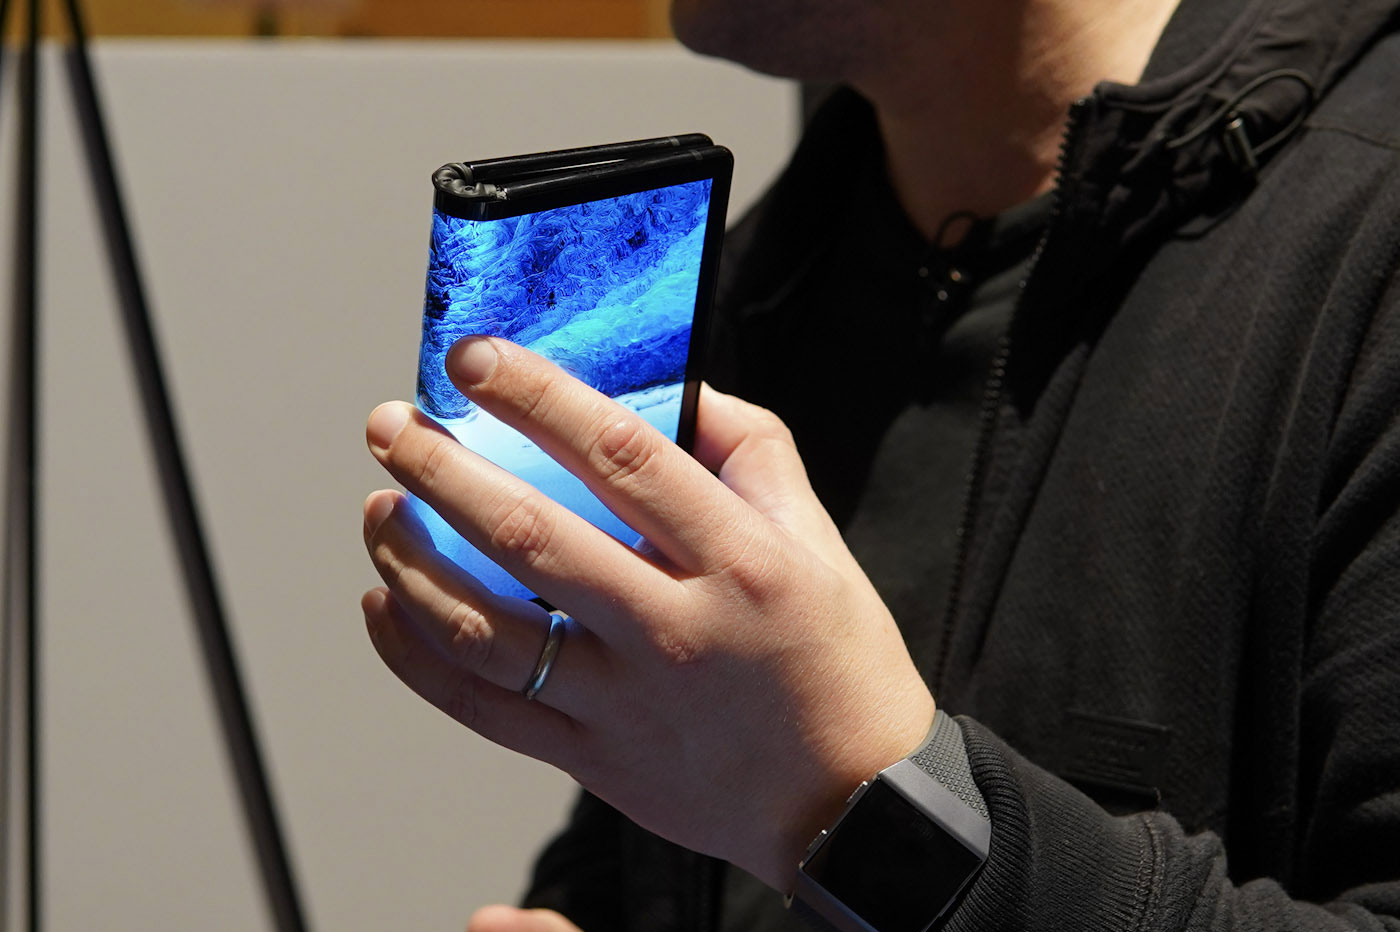 Un appareil mobile avec un écran pliable